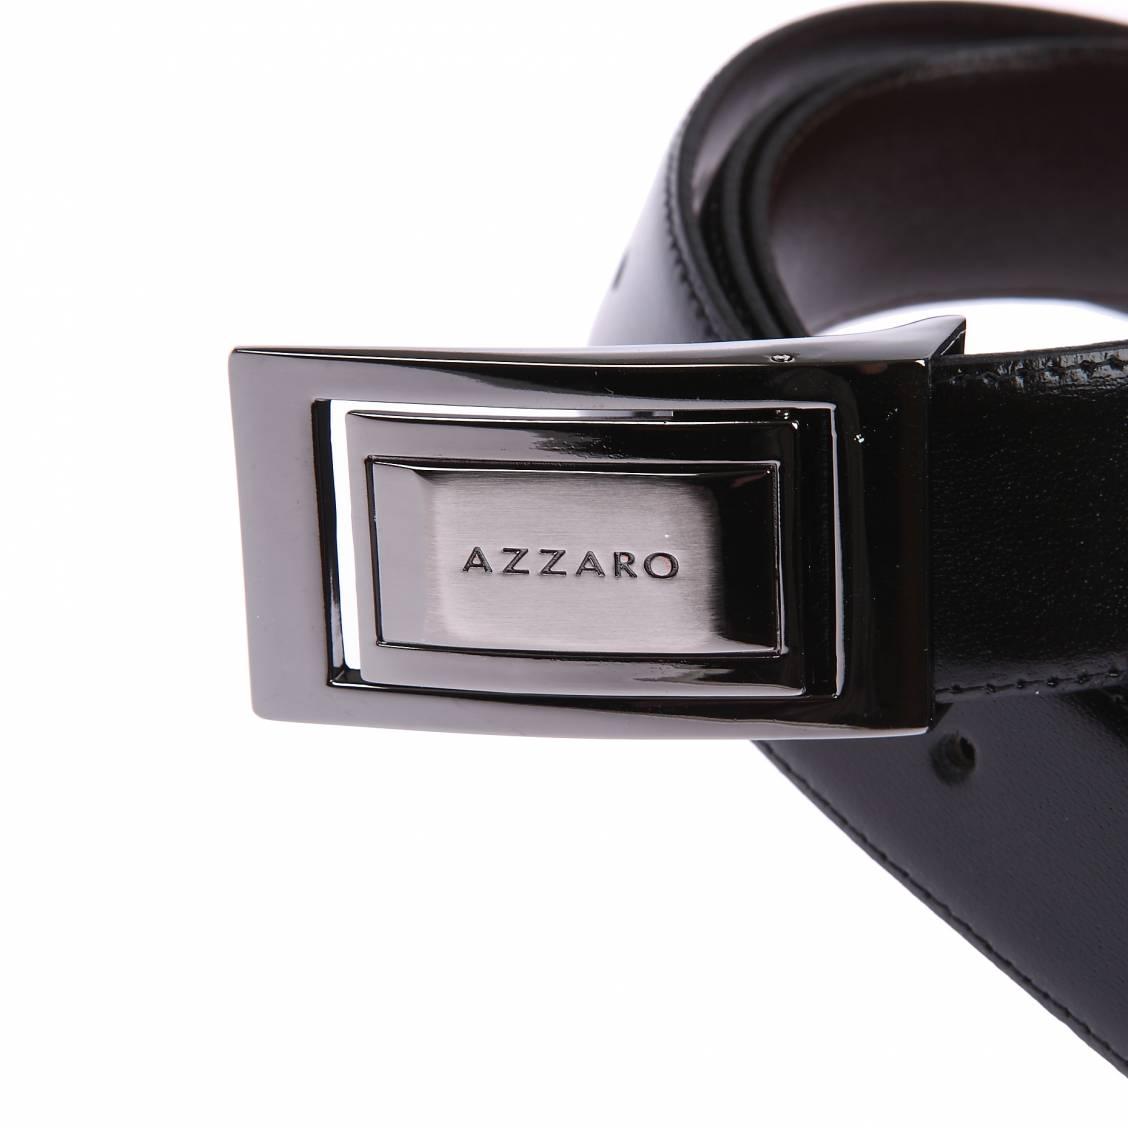 ... Ceinture Azzaro ajustable en cuir noir réversible marron à boucle  rectangulaire argentée f77a7f30527